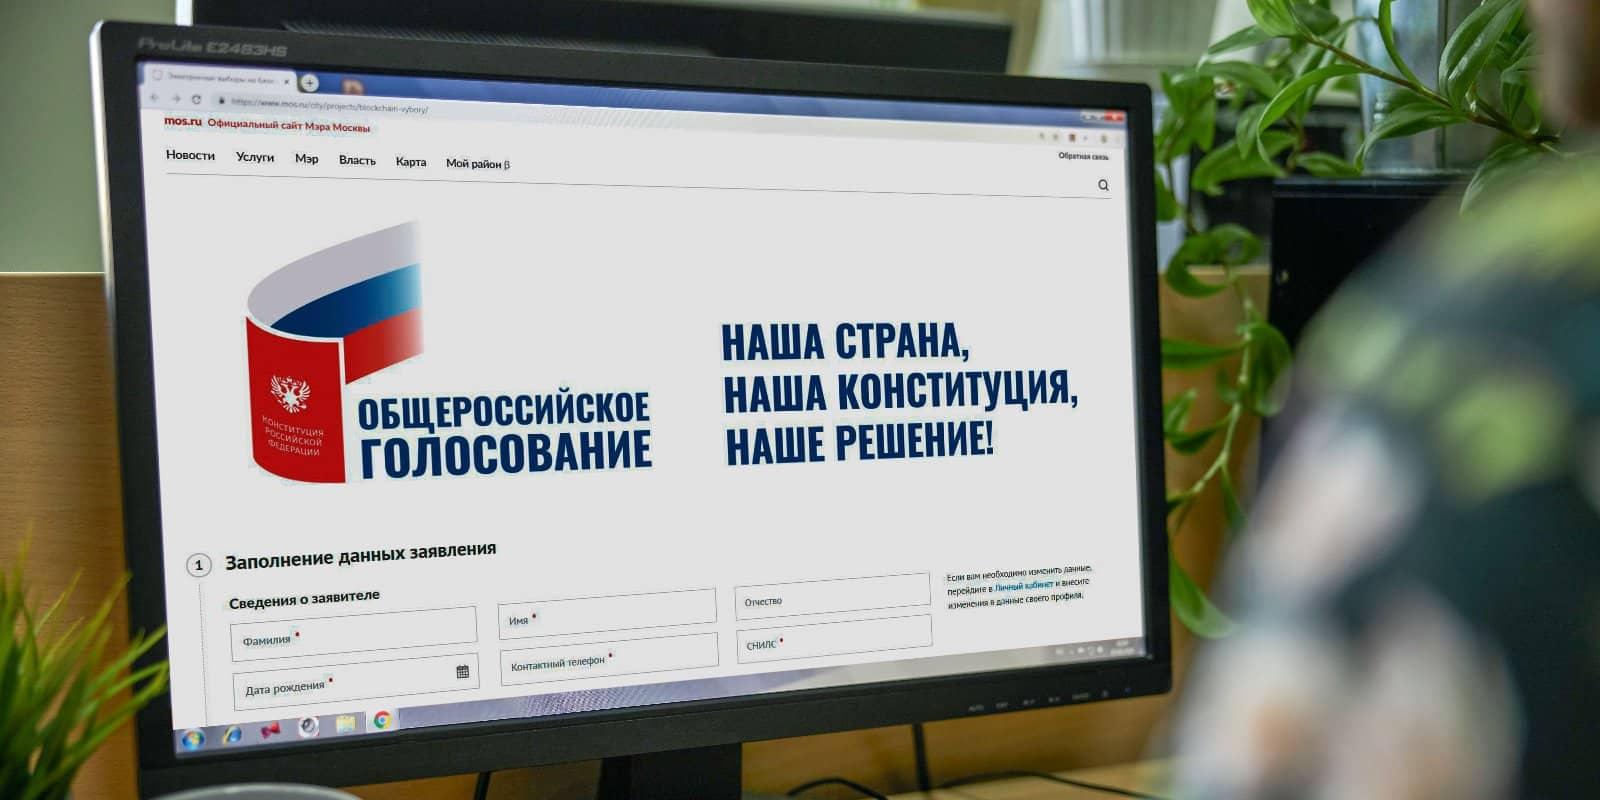 На участках для голосований разрешено снимать фото и видео СМИ прошедшим аккредитацию, рассказали в ЦИК России